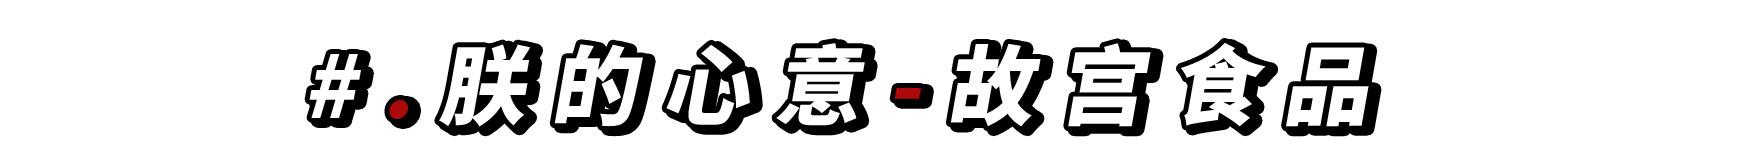 板式模板---副本.jpg1.jpg